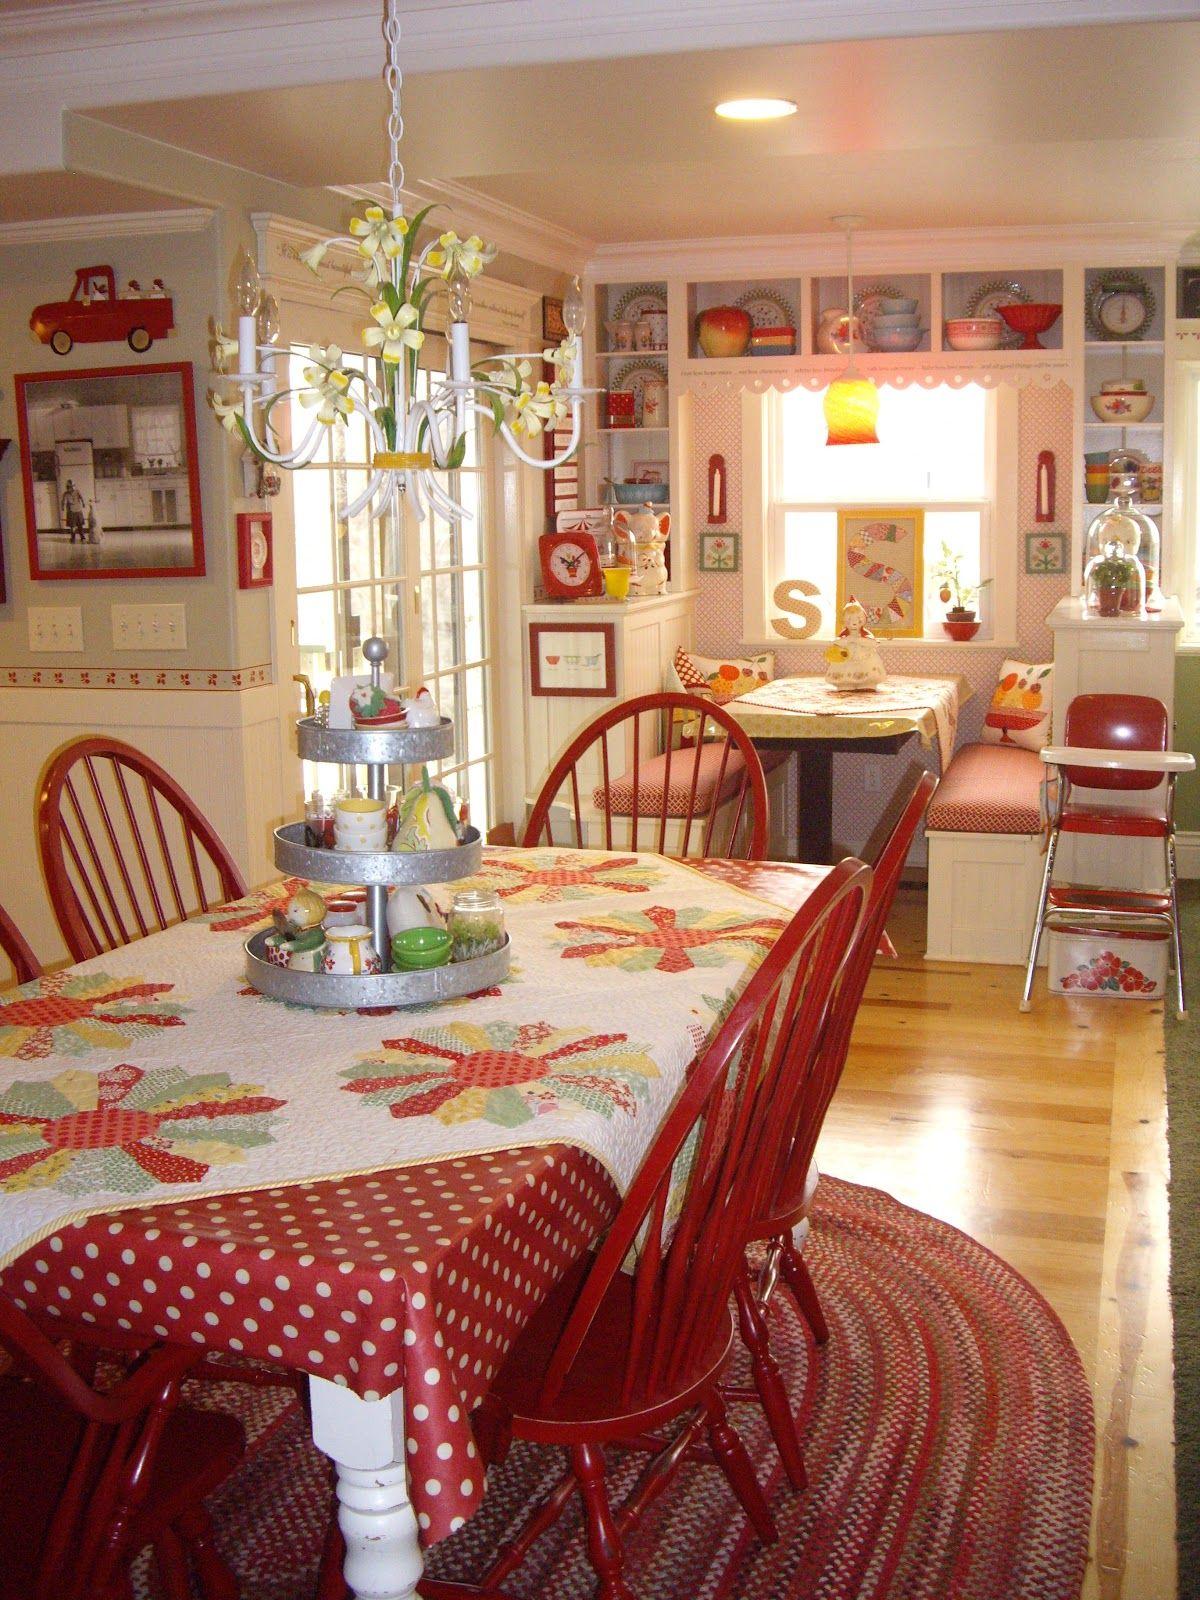 Küchenideen eng la maison de joy  red  pinterest  hogar cocinas and decoración hogar